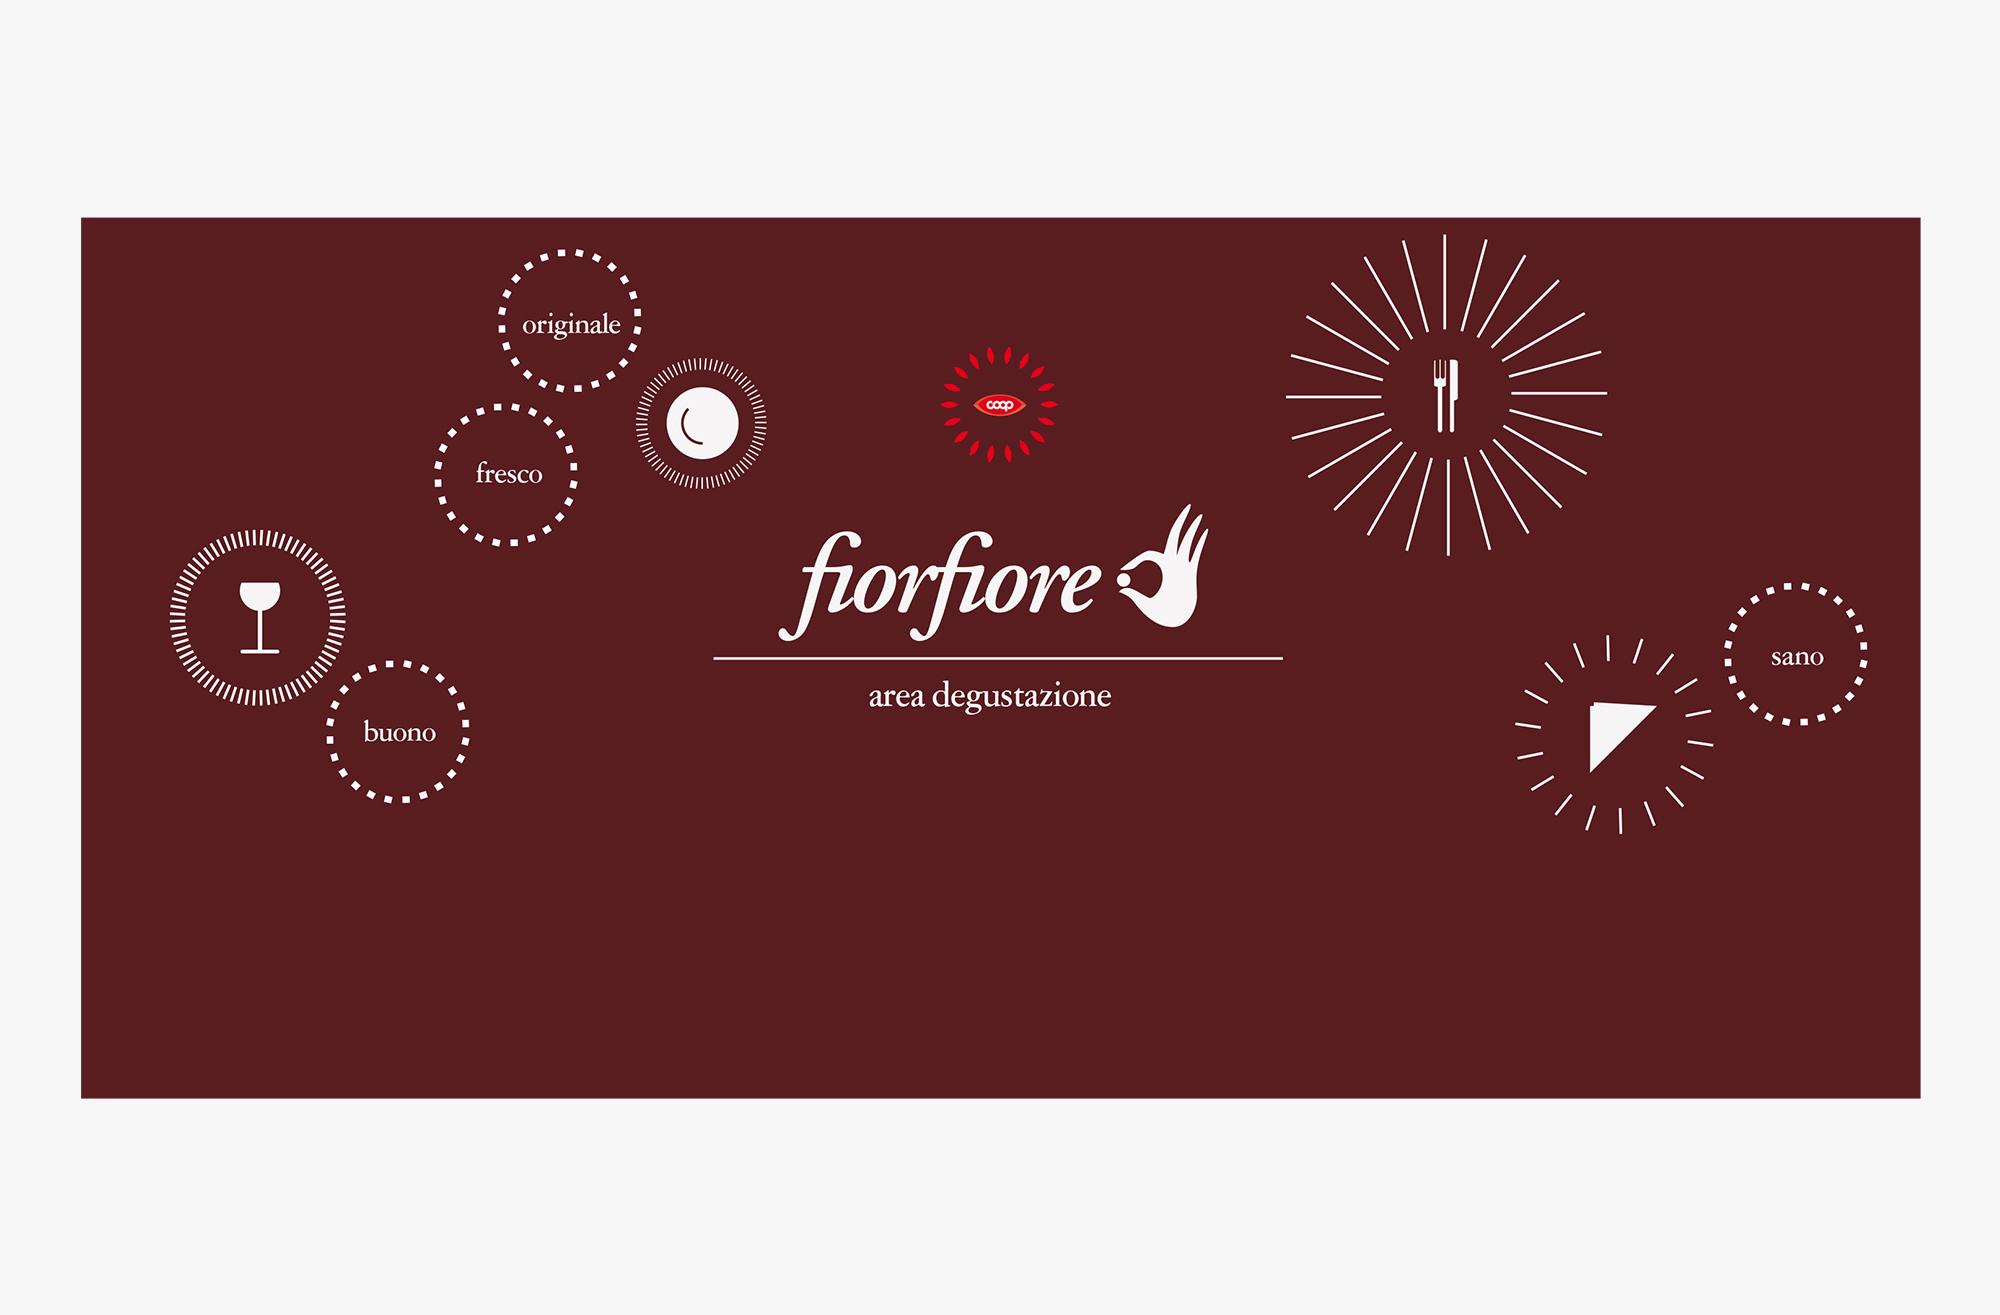 Negozio-FiorFiore-Grafica-8.jpg